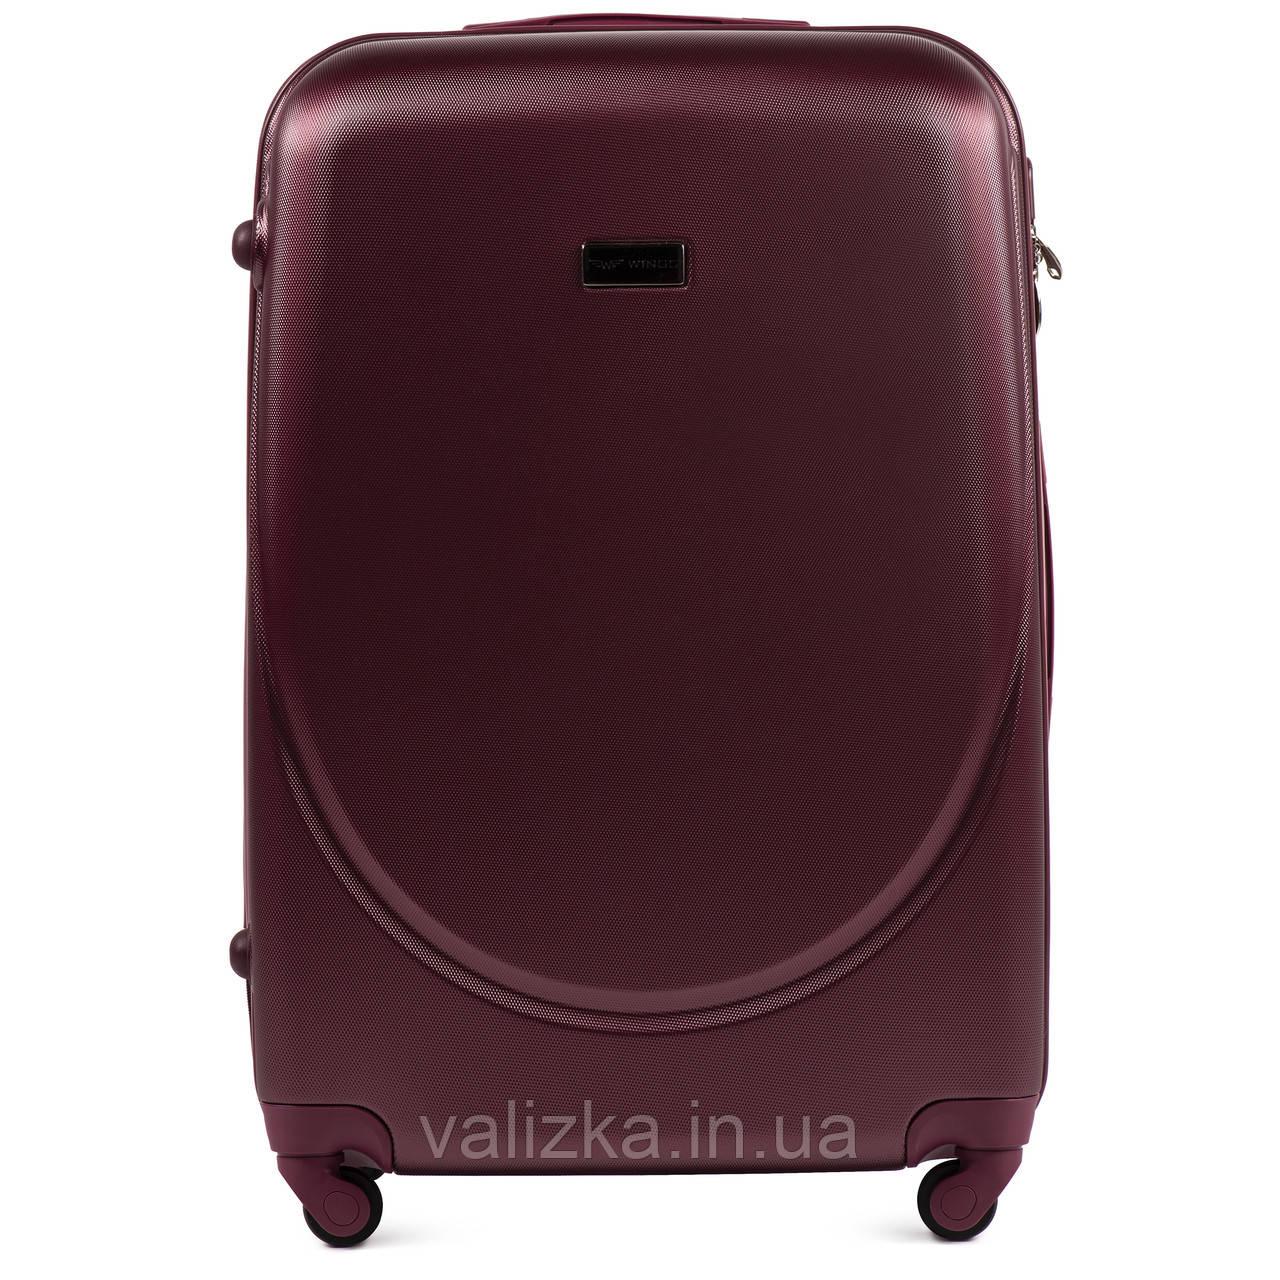 Большой пластиковый чемодан с фурнитурой в цвет бордовй